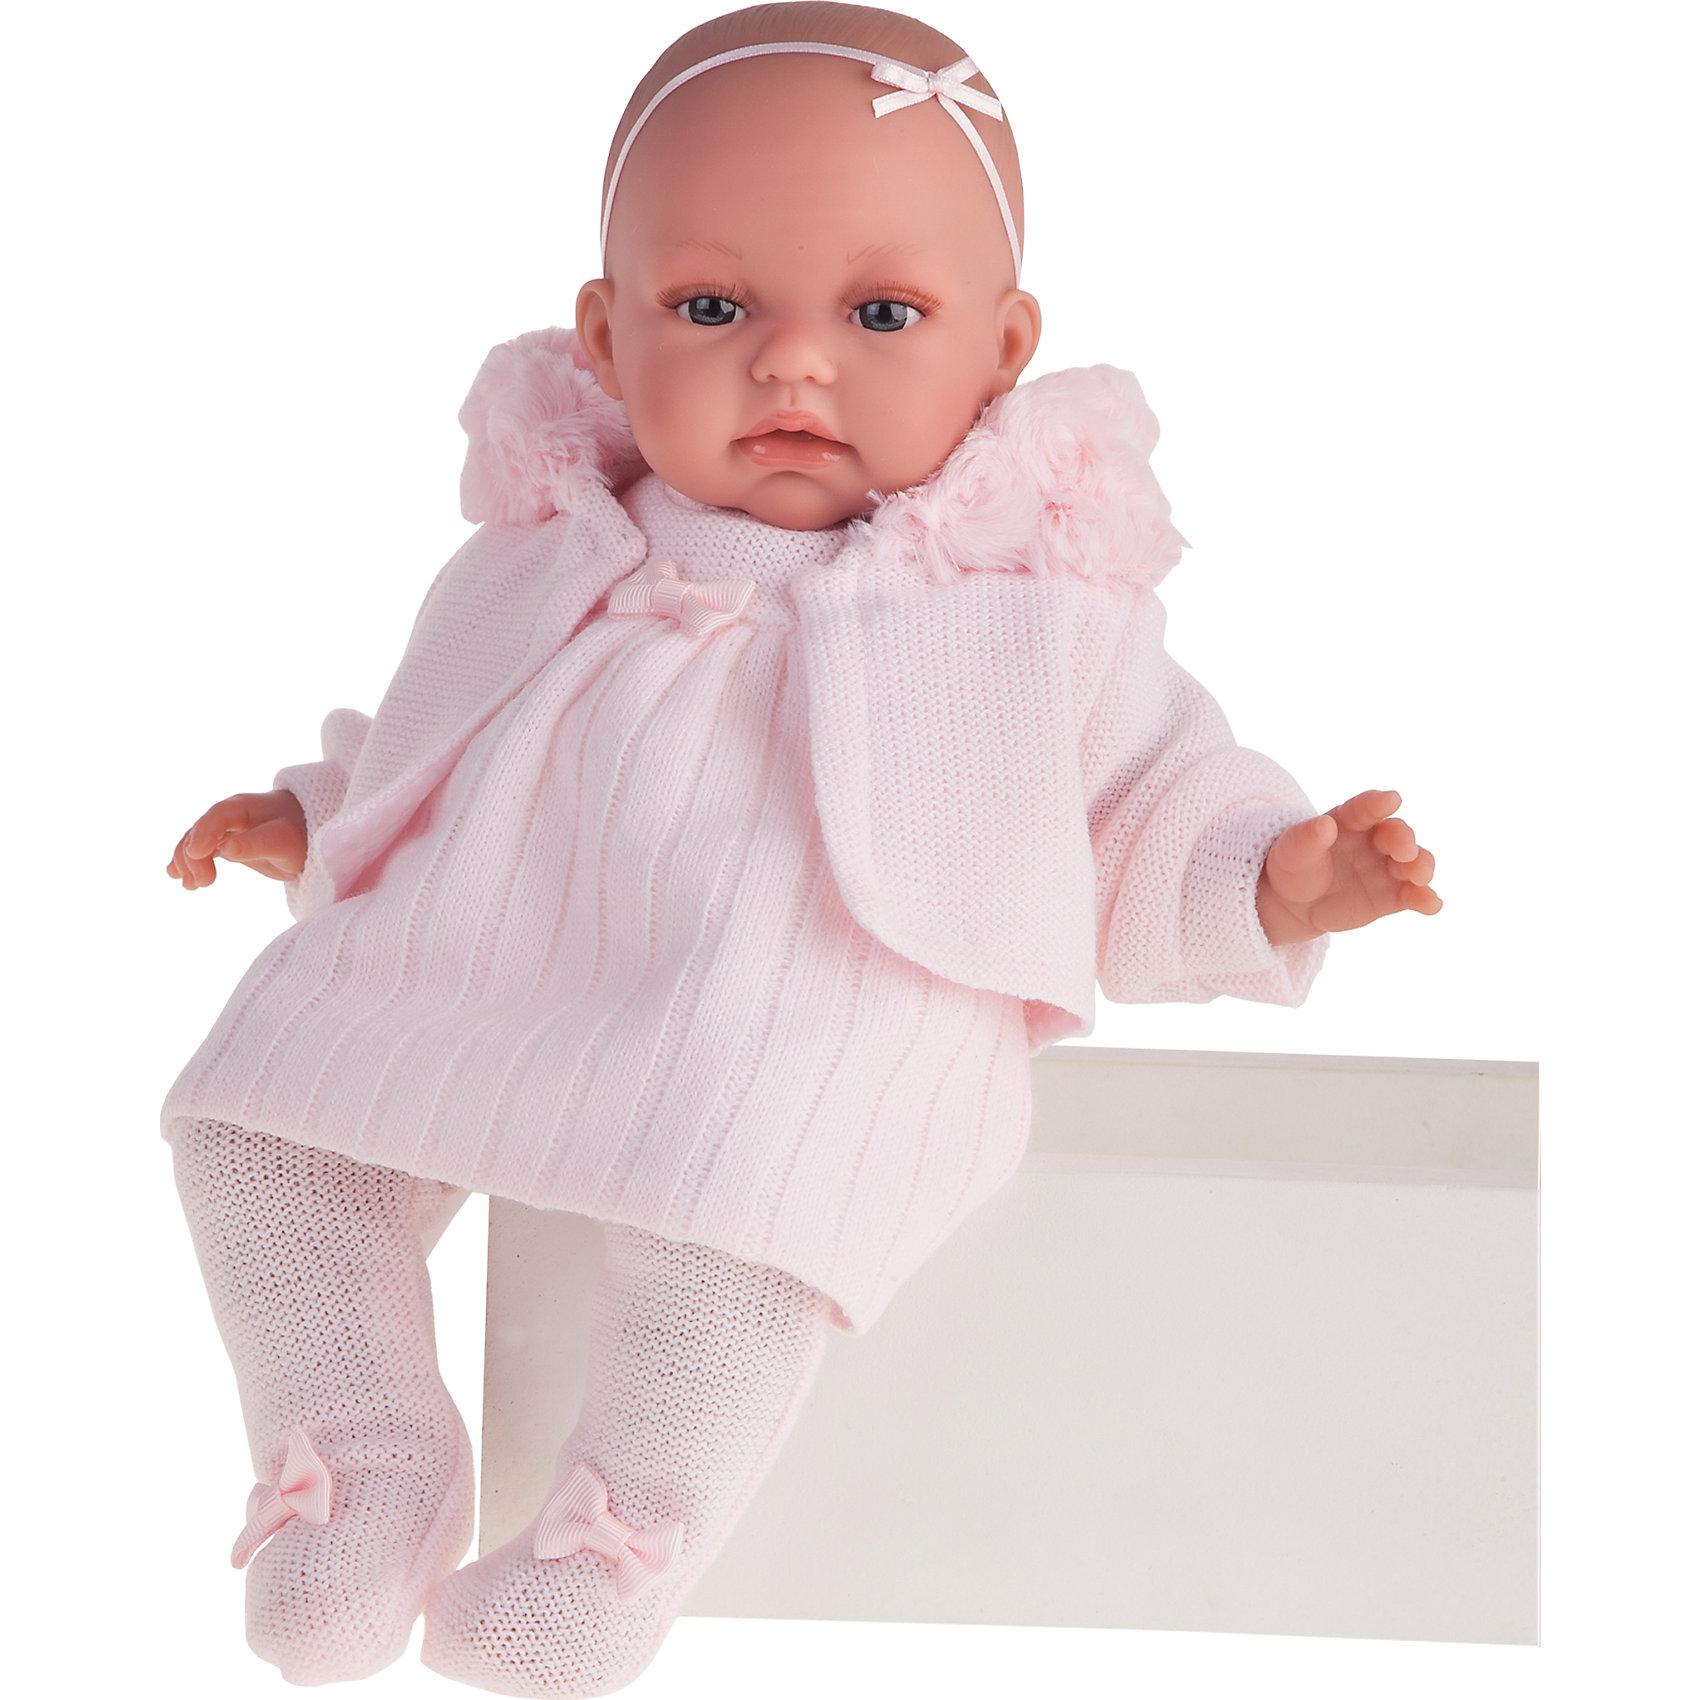 Кукла Стефания, 34 см, Munecas Antonio JuanКлассические куклы<br>Кукла Стефания, 34 см, Munecas Antonio Juan (Мунекас от Антонио Хуан) ? это очаровательный малыш от всемирно известного испанского бренда Мунекас от Антонио Хуан, который знаменит своими реалистичными куклами. Кукла изготовлена из винила высшего качества, ее тело ? мягконабивное, ручки и ножки подвижны, голова поворачивается в стороны, глазки не закрываются. <br>Выразительный взгляд карих глаз, обрамленных длинными пышными ресничками, нежные черты лица, розовые щечки, пухленькие губки и курносый носик. Если Стефании нажать на животик, она начинает по-детски лепетать. Замолчит малышка только после того, как ей в ротик вставят соску.<br>Кукла Стефания, 34 см, Munecas Antonio Juan (Мунекас от Антонио Хуан) разработана с учетом анатомических особенностей и мимики младенцев. Играя с пупсом, ваш ребенок реалистично проживает роль «мамы», учится ухаживать за малышом, заботиться о нем.<br>Малышка Стефания очень стильная.  У нее теплый дизайнерский комплект одежды: розовое вязаное платьице, ползуночки и теплая кофточка. Весь комплект одежды демонстрирует тонкое чувства стиля и вкуса в одежде.<br>Куклы JUAN ANTONIO munecas (Мунекас от Антонио Хуан) ? мечта девочки любого возраста!<br><br>Дополнительная информация:<br><br>- Вид игр: сюжетно-ролевые игры <br>- Дополнительные функции: лепетание<br>- Комплектация: кукла, соска<br>- Материал: пластик, винил, текстиль<br>- Высота куклы: 34 см<br>- Вес: 2 кг 680 г<br>- Батарейки: 3 шт. 3 LR44 (в комплекте)<br>- Особенности ухода: одежда ? ручная стирка, саму куклу мыть не рекомендуется <br><br>Подробнее:<br><br>• Для детей в возрасте: от 3 лет и до 6 лет<br>• Страна производитель: Испания<br>• Торговый бренд: JUAN ANTONIO munecas <br><br>Куклу Стефанию, 34 см, Munecas Antonio Juan (Мунекас от Антонио Хуан) (Мунекас от Антонио Хуан) можно купить в нашем интернет-магазине.<br><br>Ширина мм: 440<br>Глубина мм: 245<br>Высота мм: 120<br>Вес г: 2366<br>Возраст от месяцев: 36